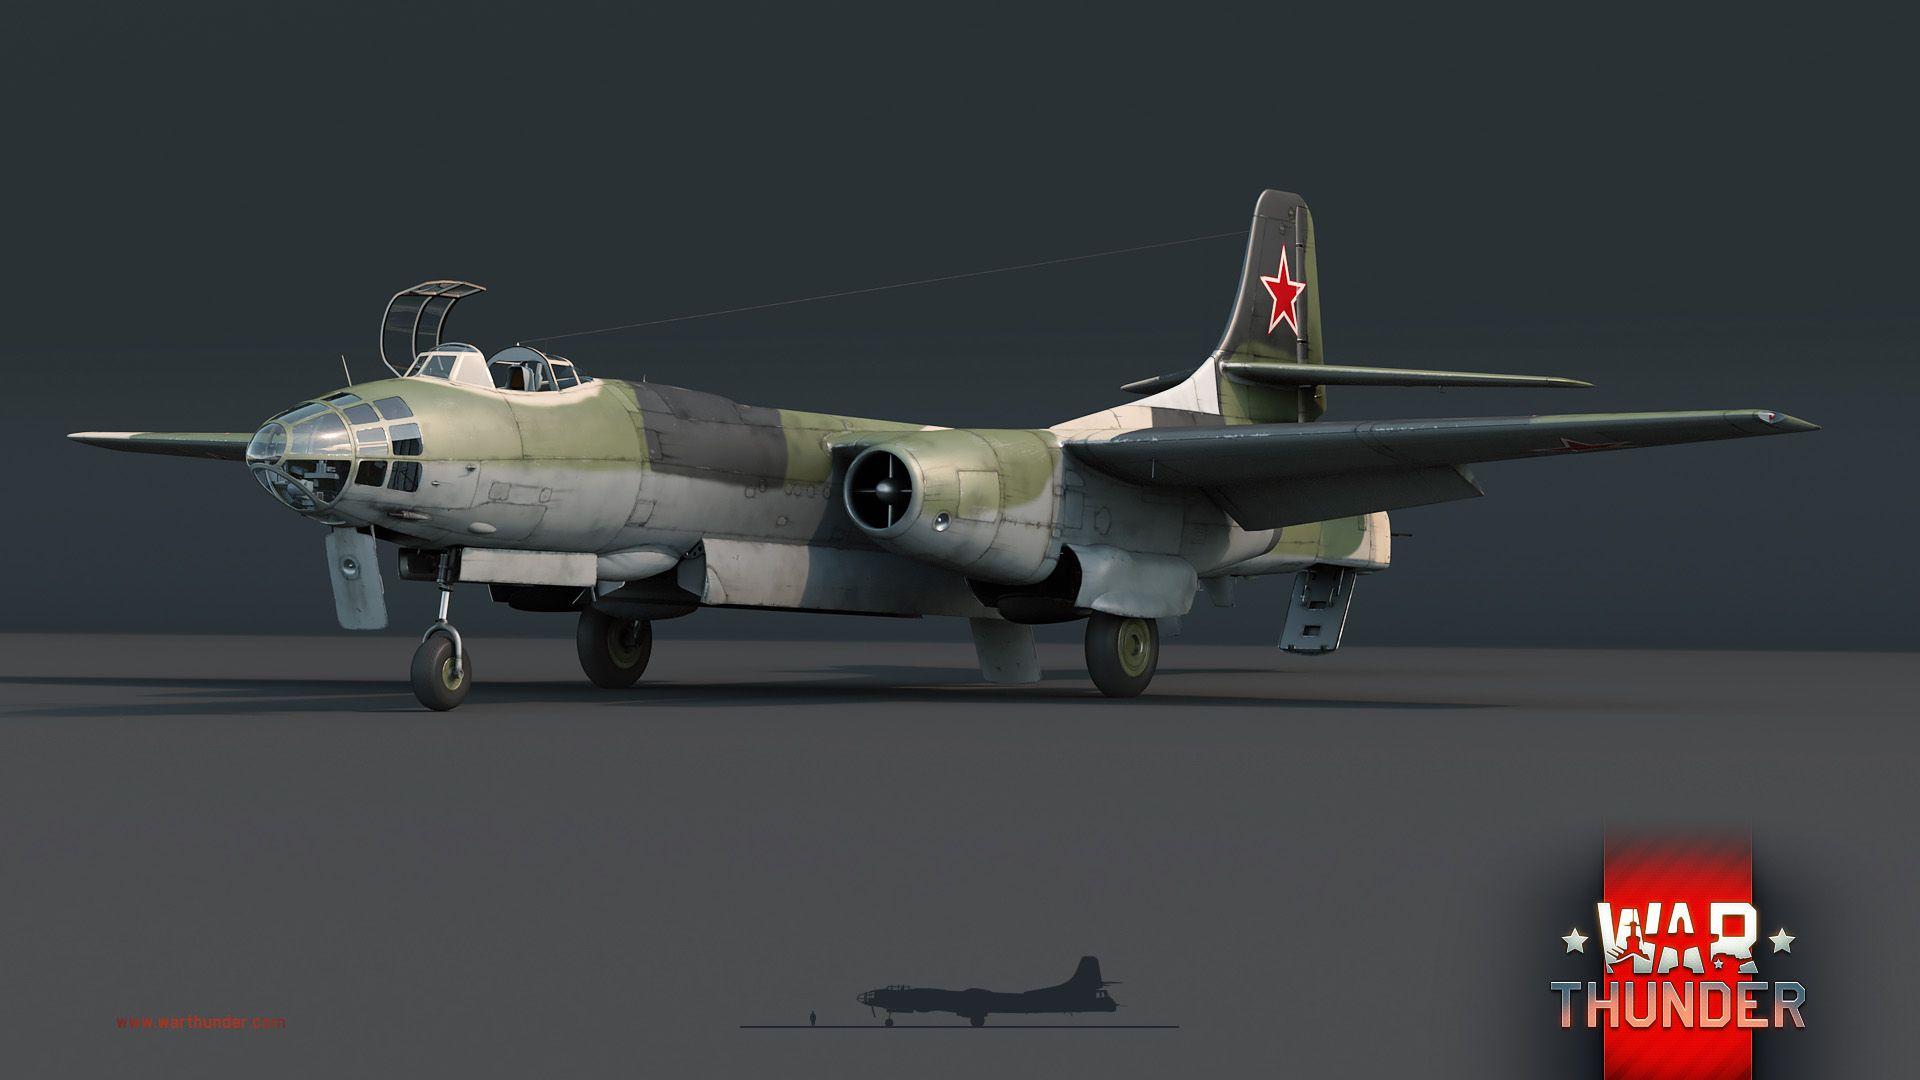 вар тандер русские бомбардировщики